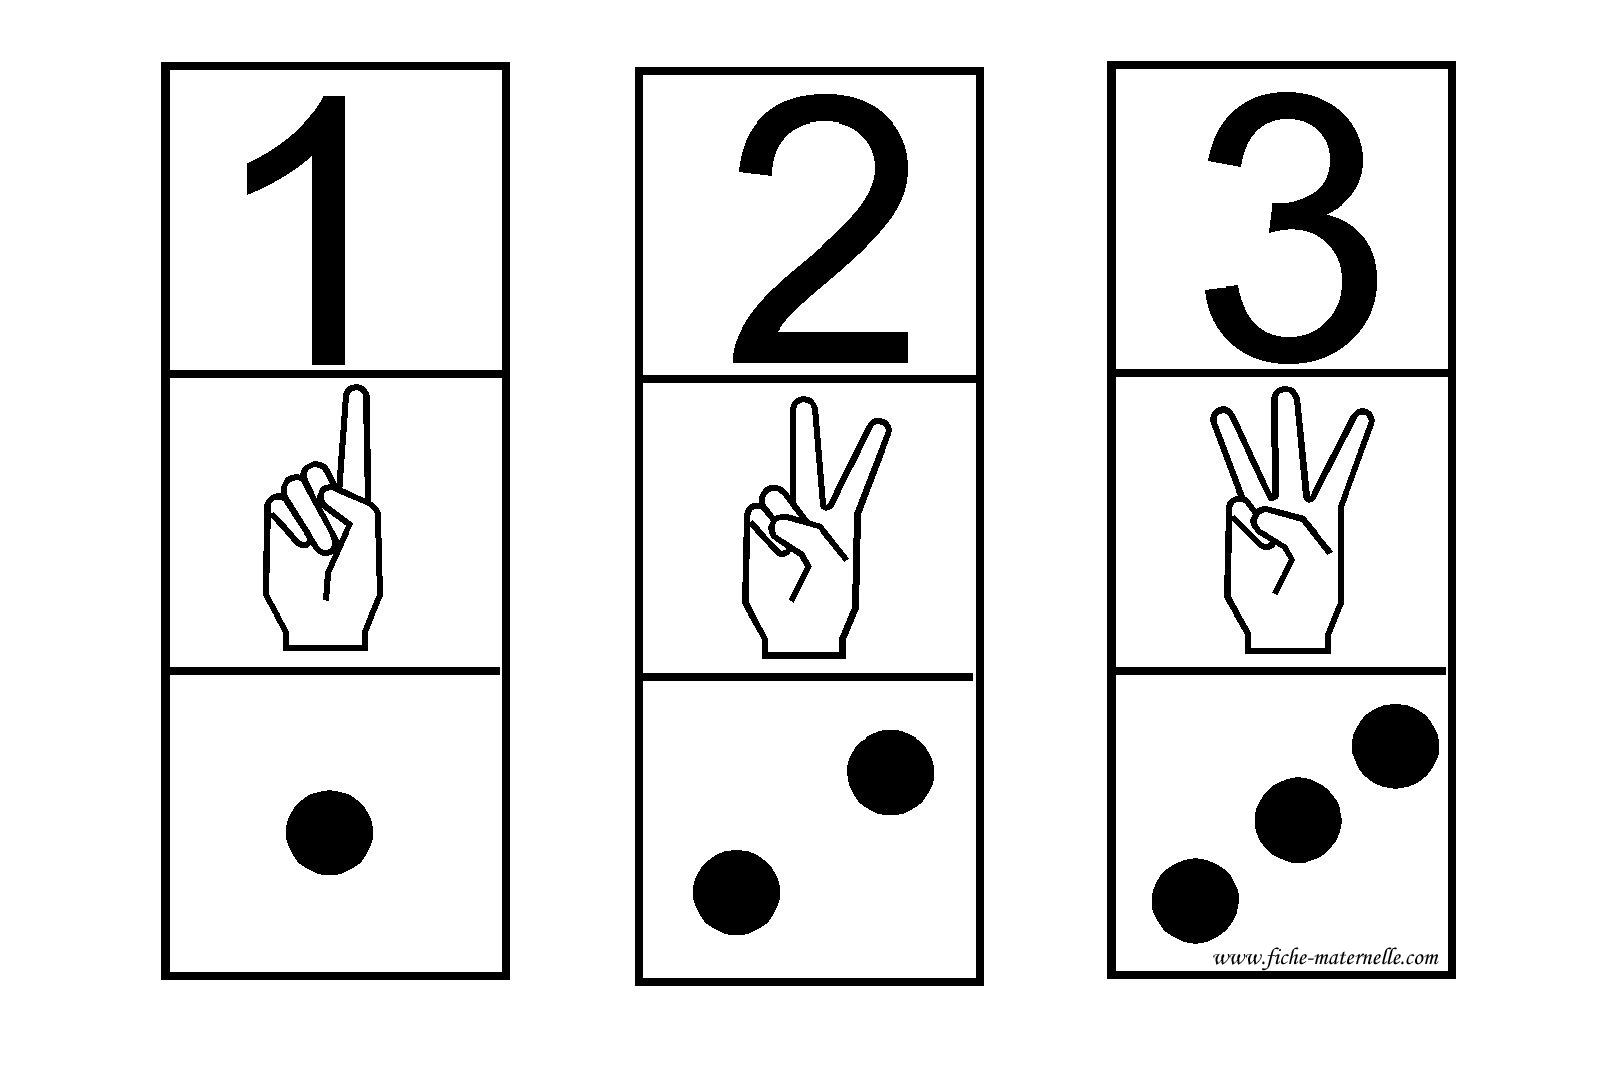 Affichage des quantites sous forme de nombre constellations et doigts